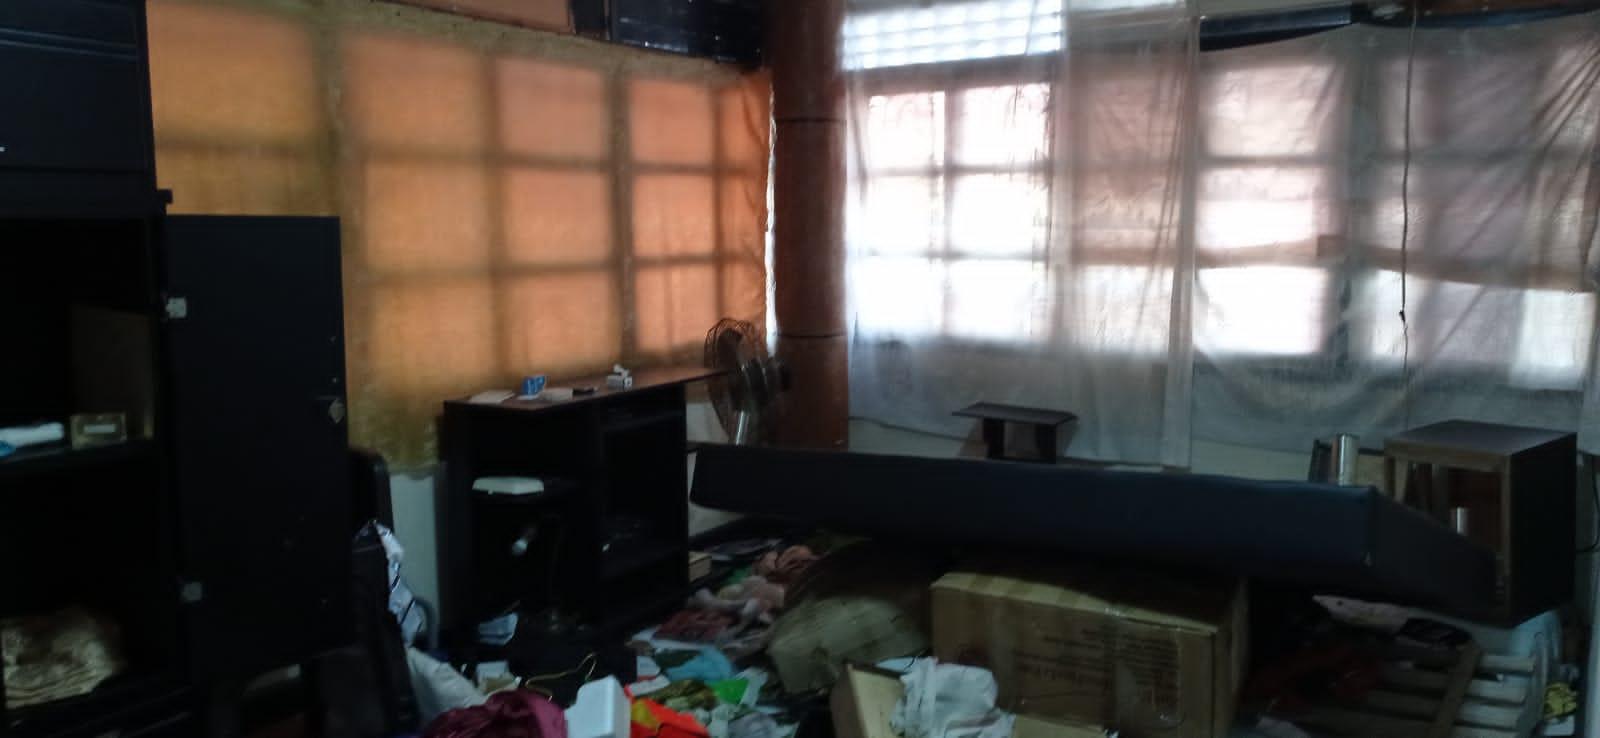 Así dejaron el apartamento de Aldemar.